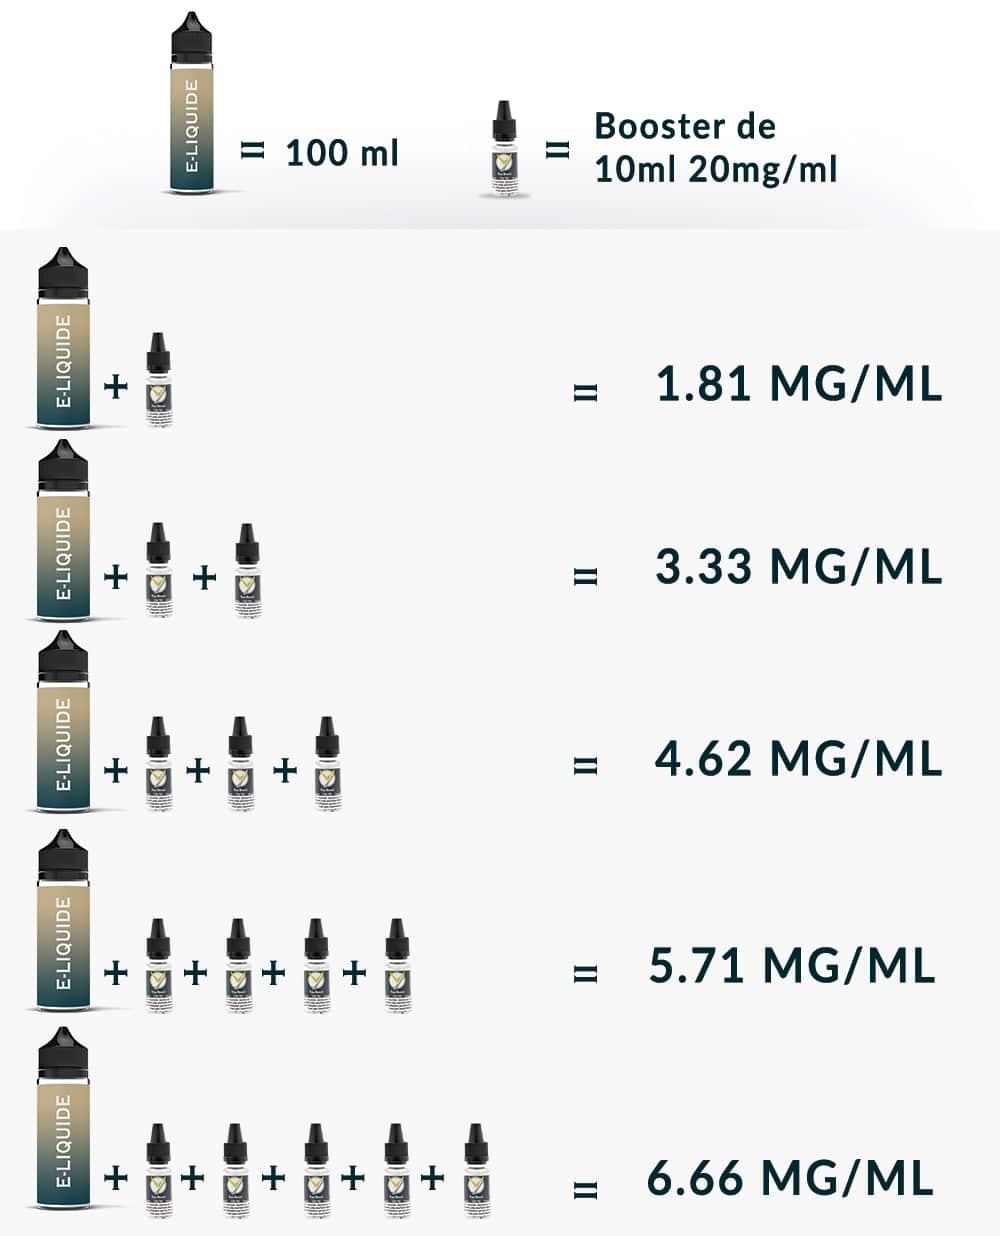 Taux de nicotine obtenus par l'ajout de boosters